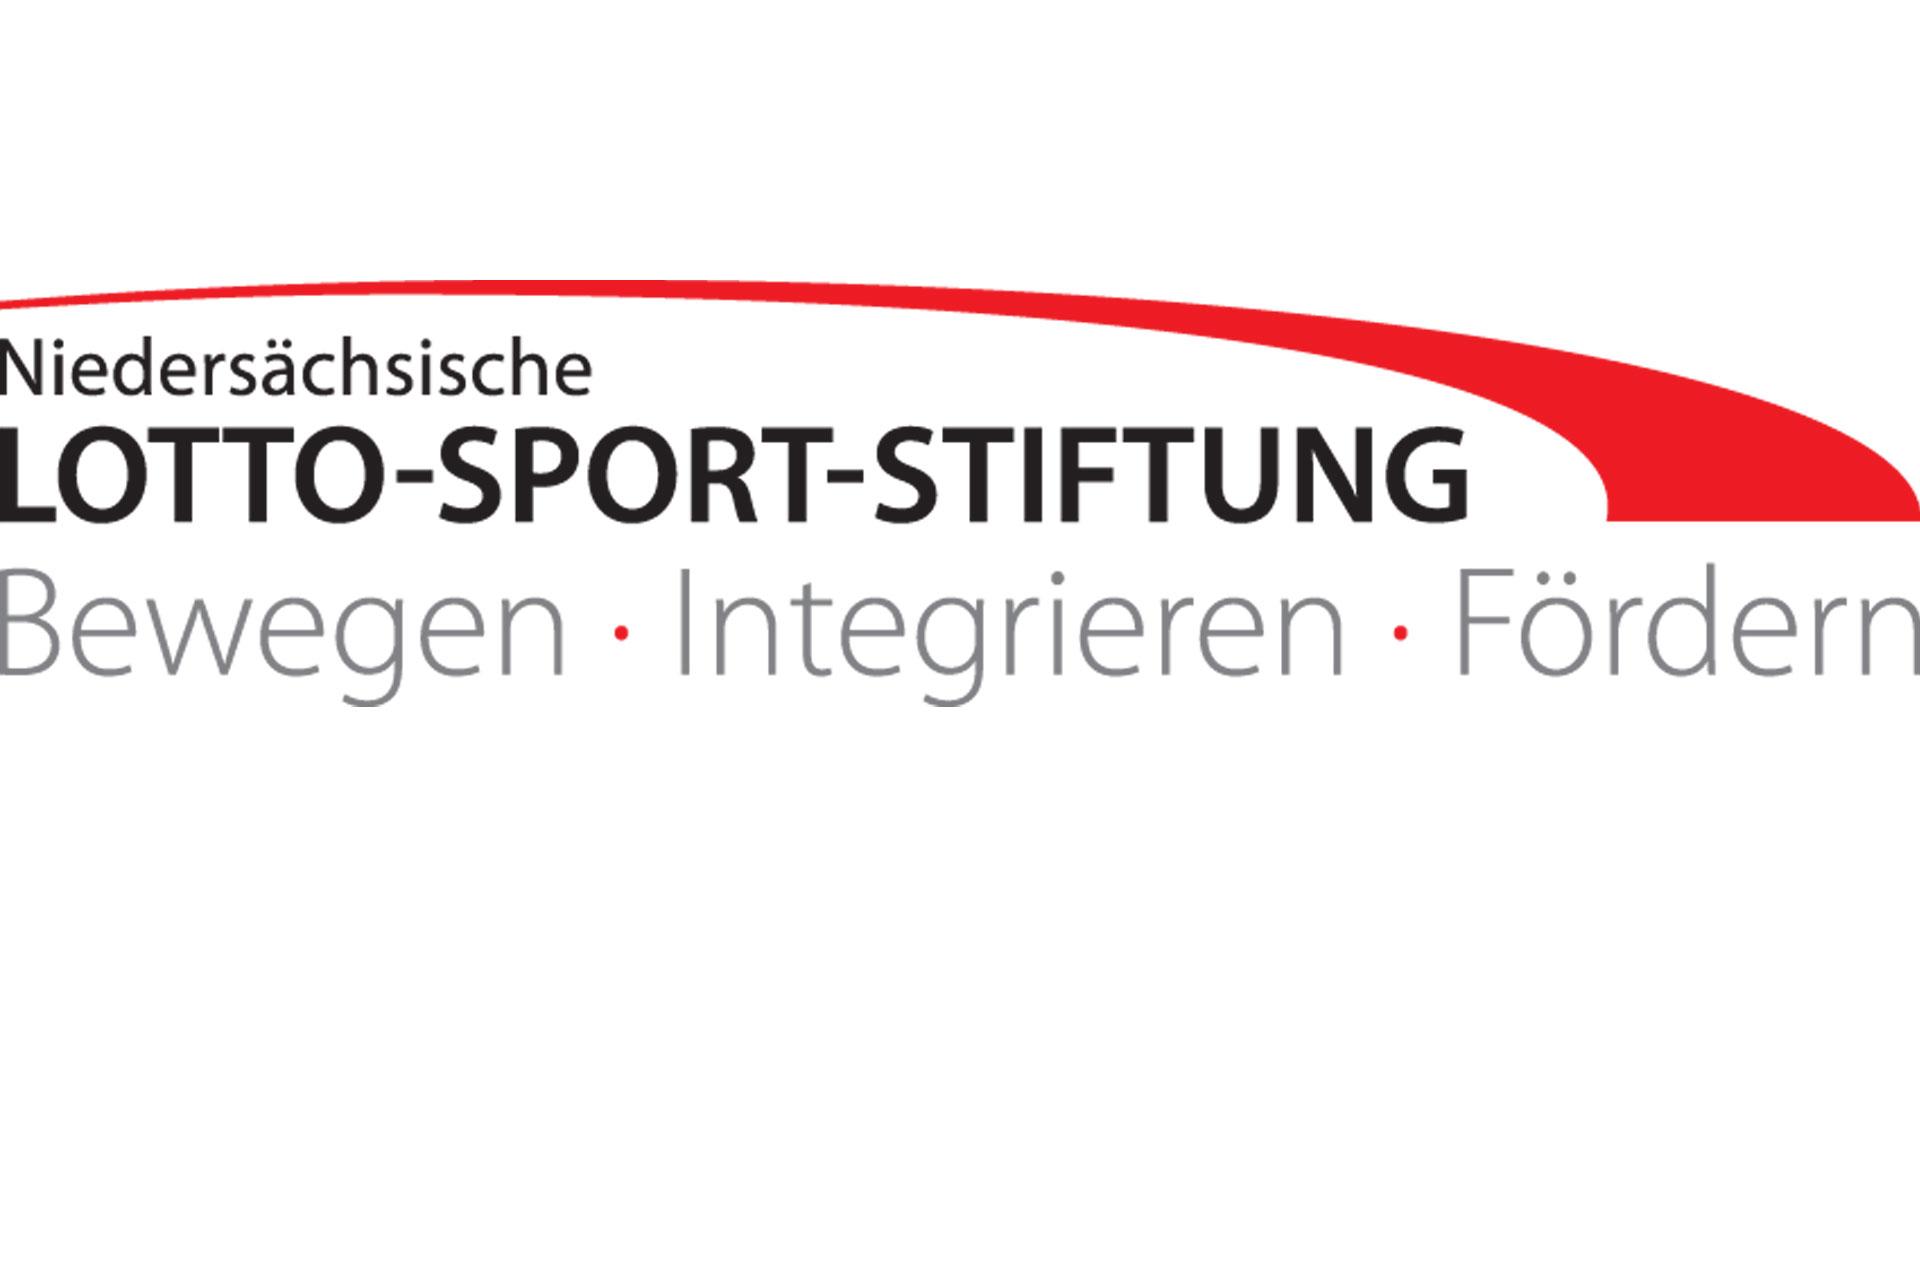 Logo Niedersächsische Lotto-Sport-Stiftung